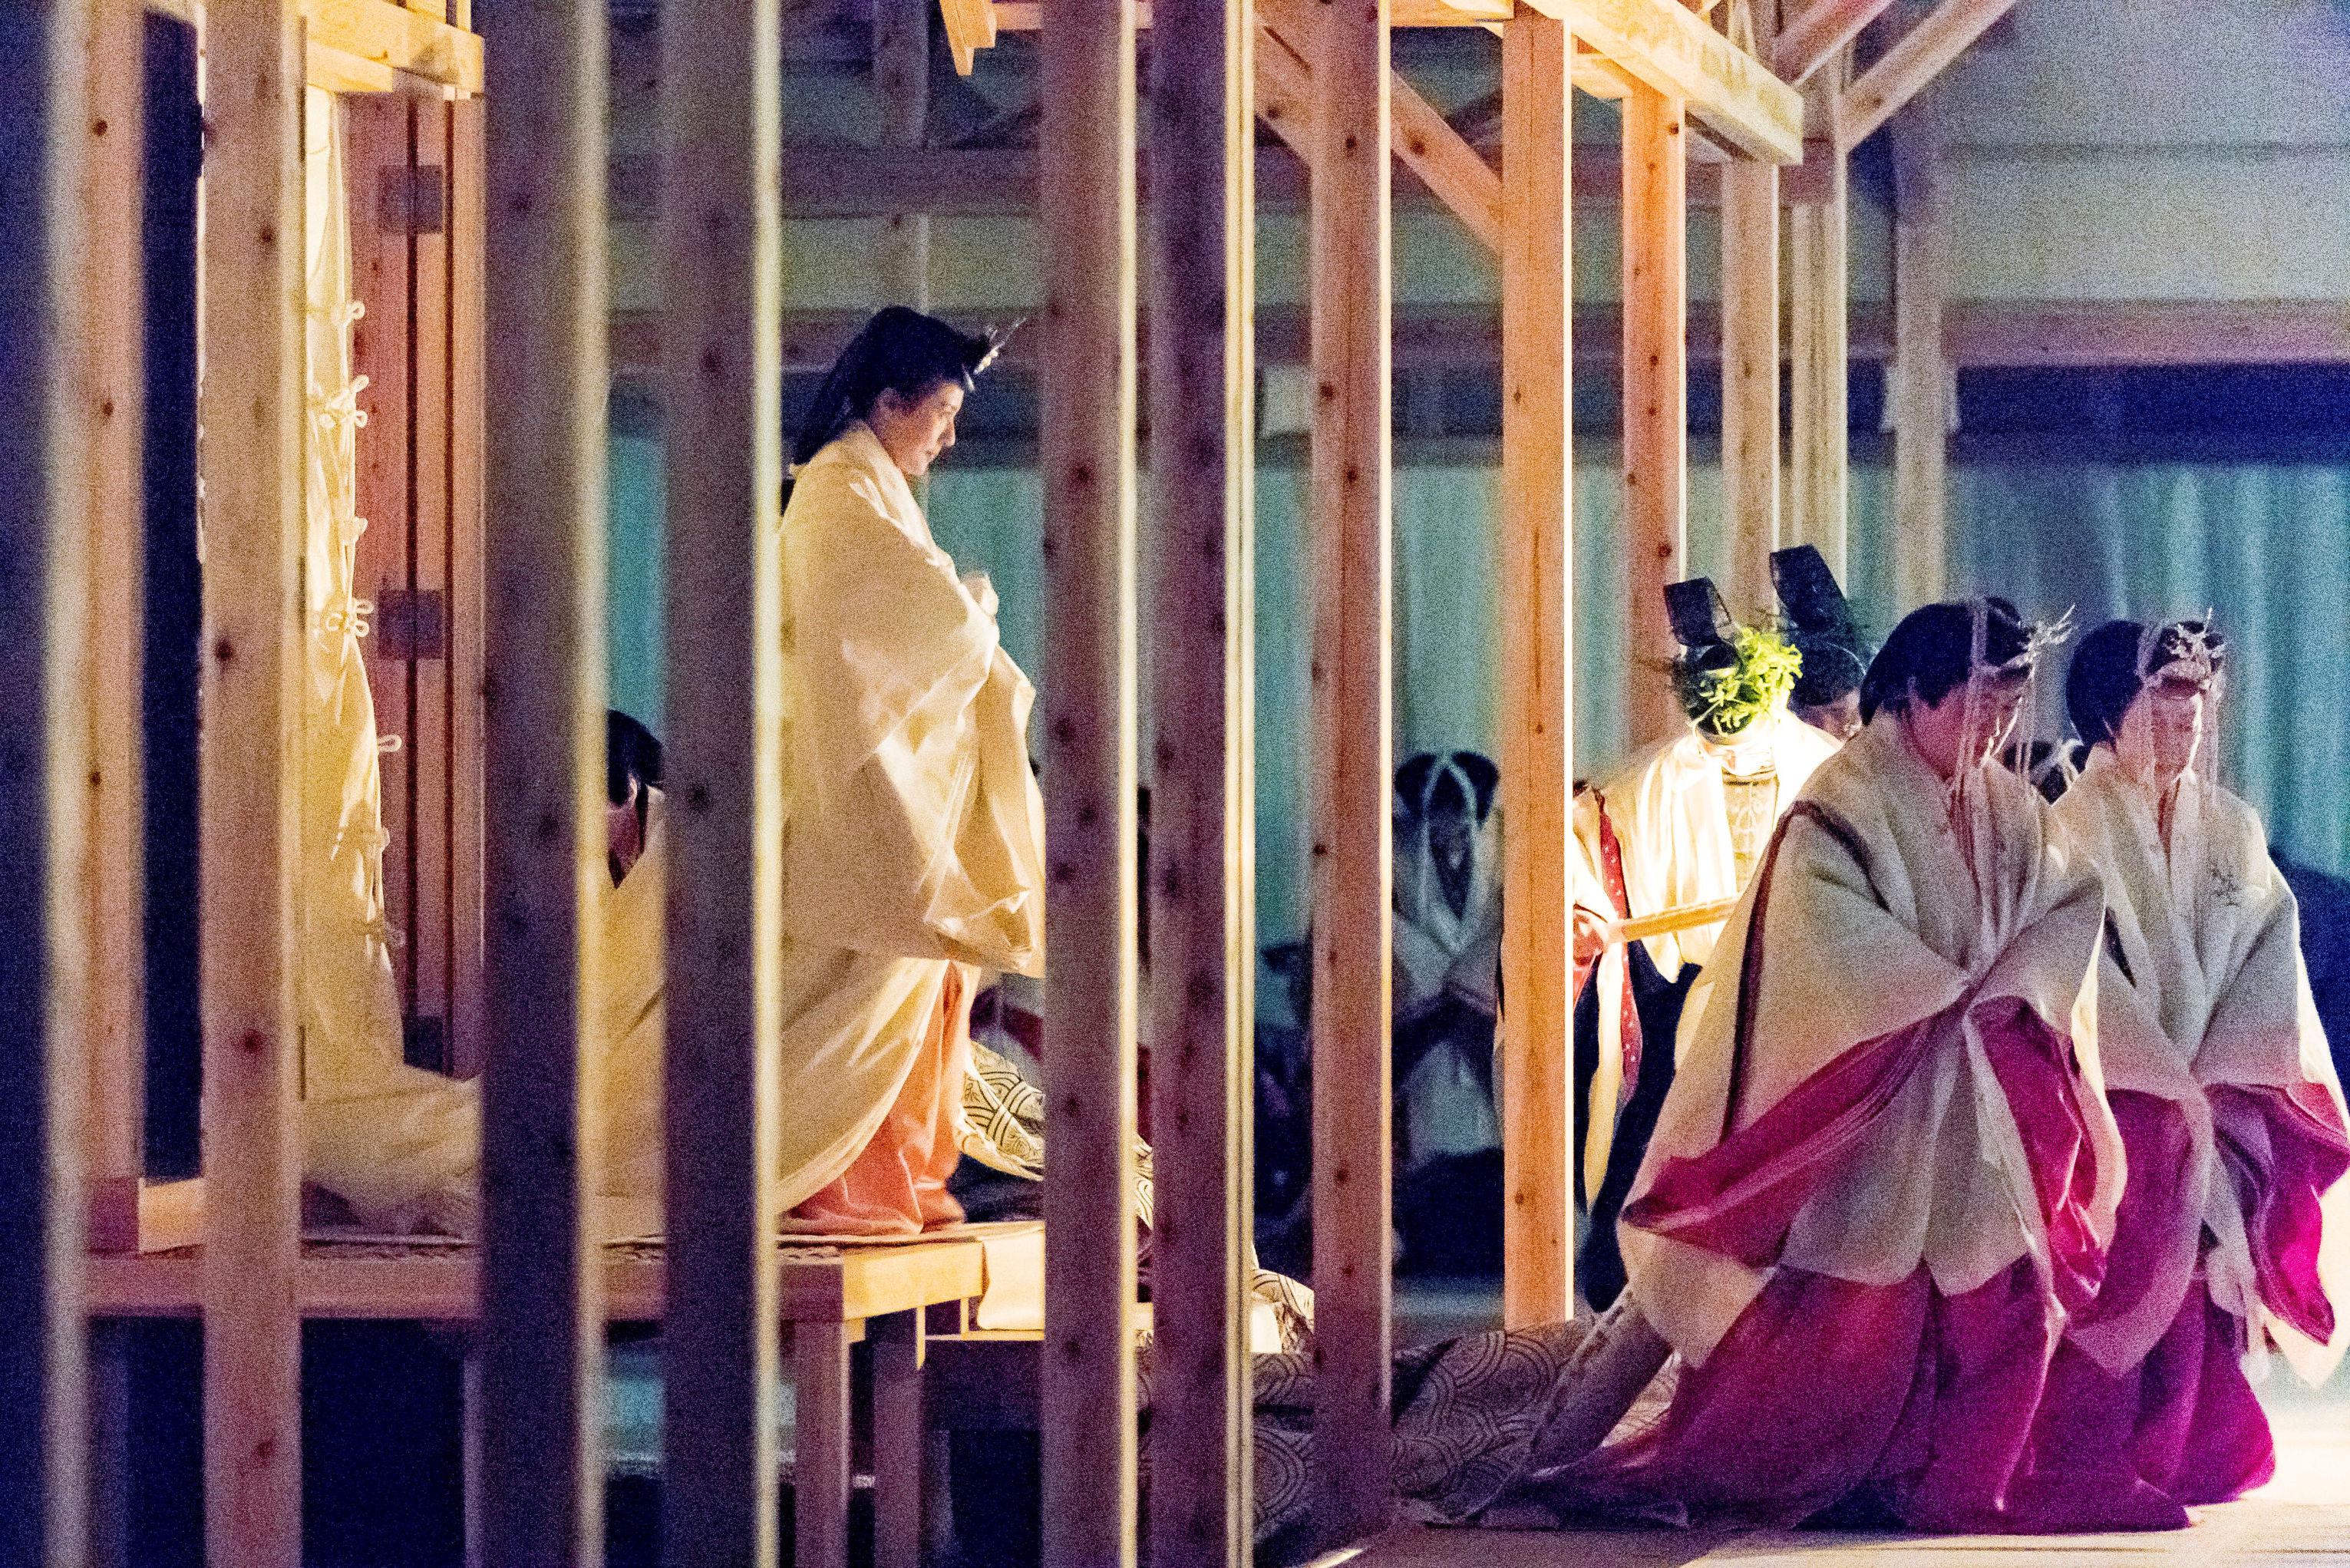 18.30'dan 03.15'e dek süren 'Daijosai'de İmparatoriçe Masako ile beraberindekiler de üzerlerine düşen rolü yerine getirdi.